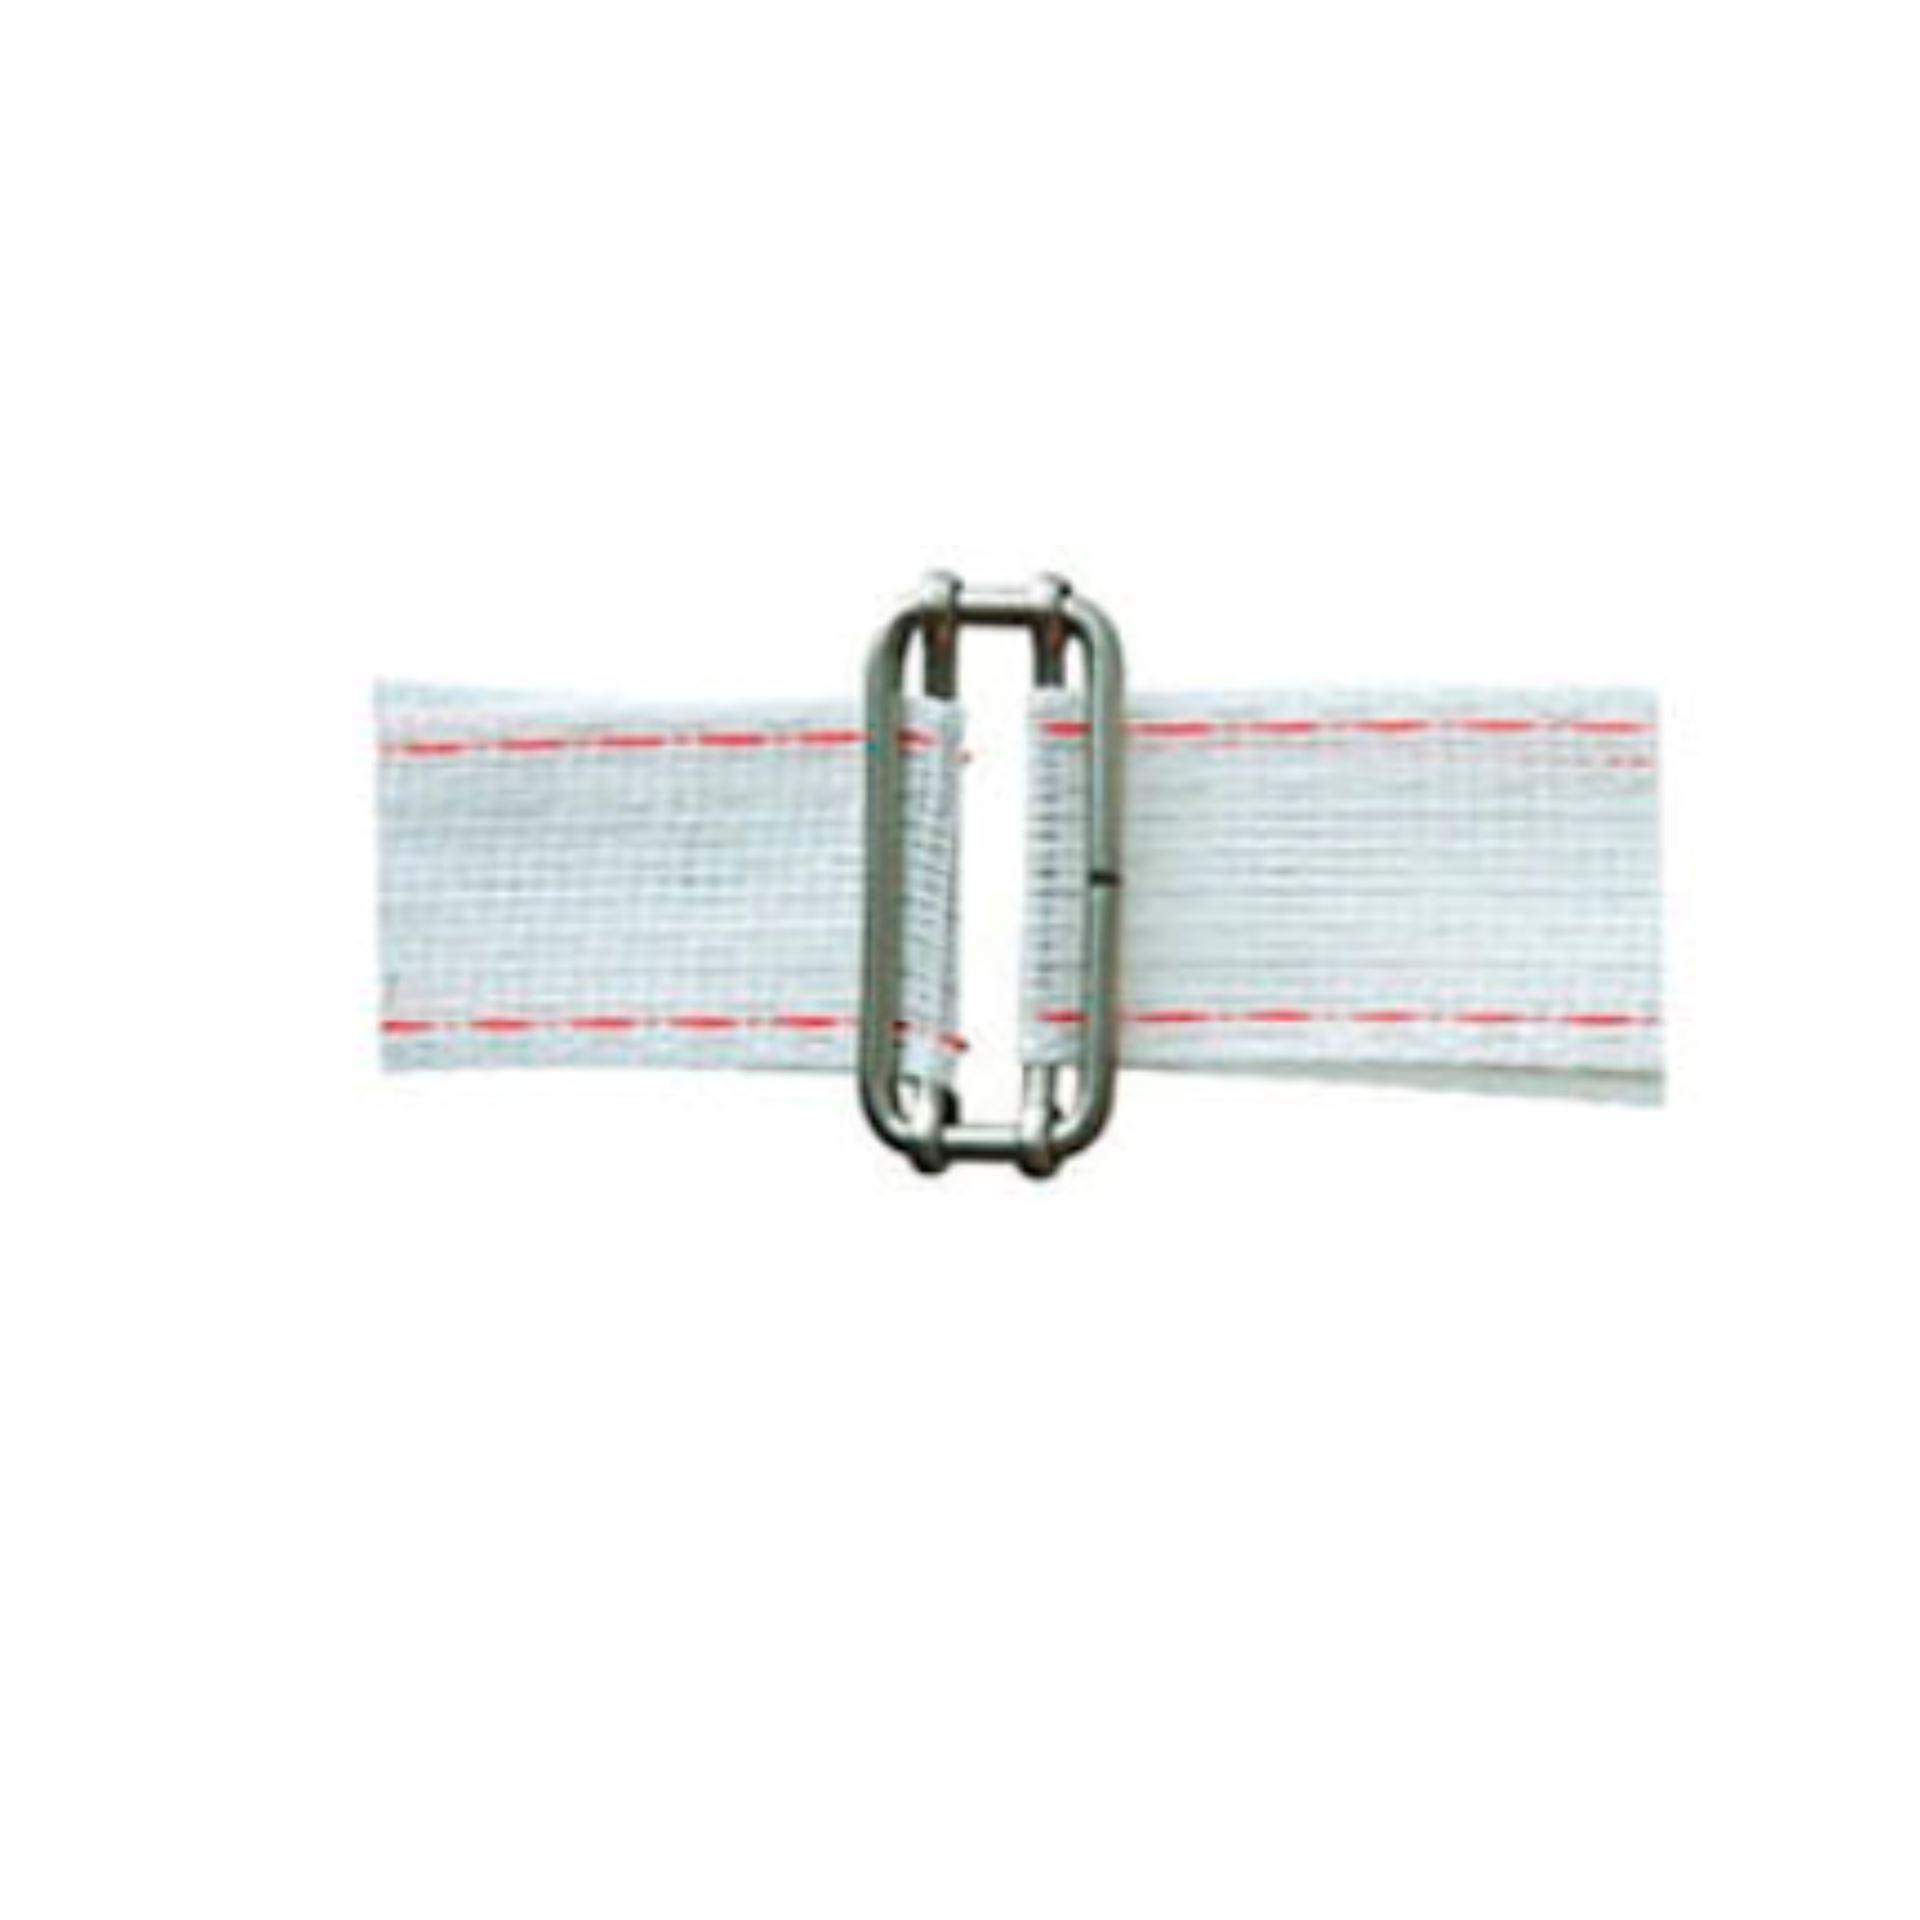 Imagen de Broche hebilla unión cinta conductora ZAR